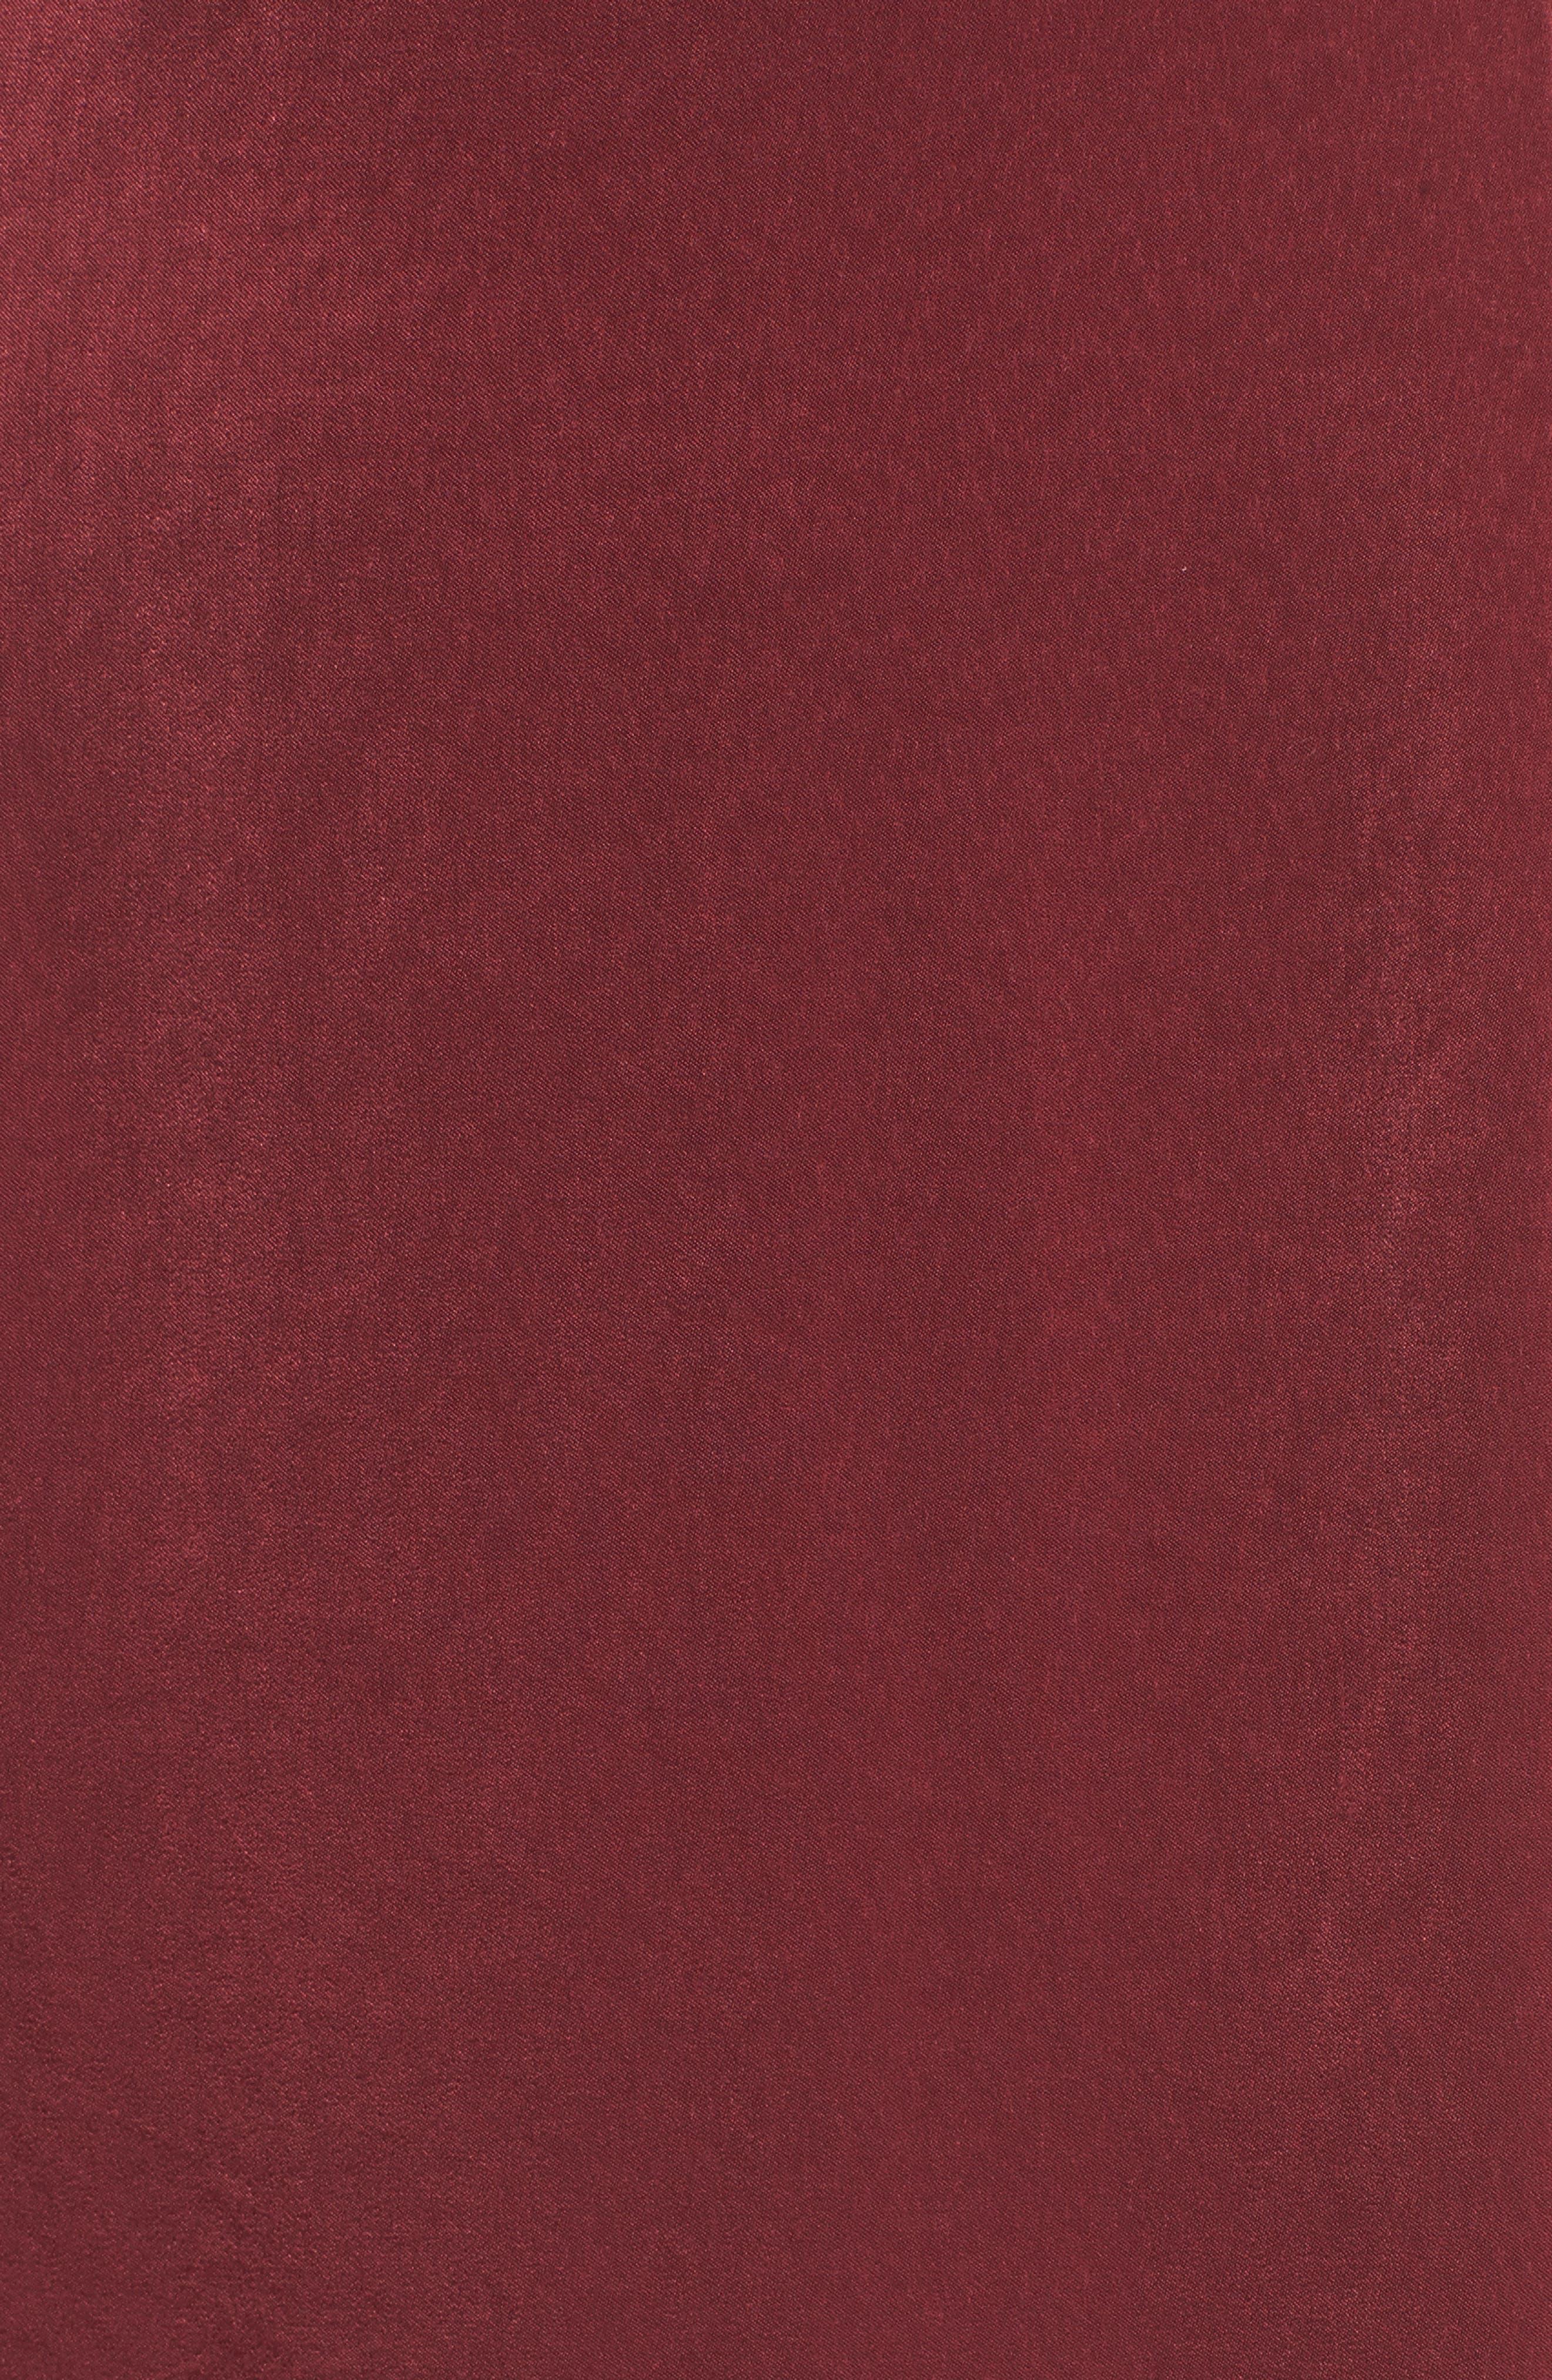 Ruffle Neck Satin Midi Dress,                             Alternate thumbnail 10, color,